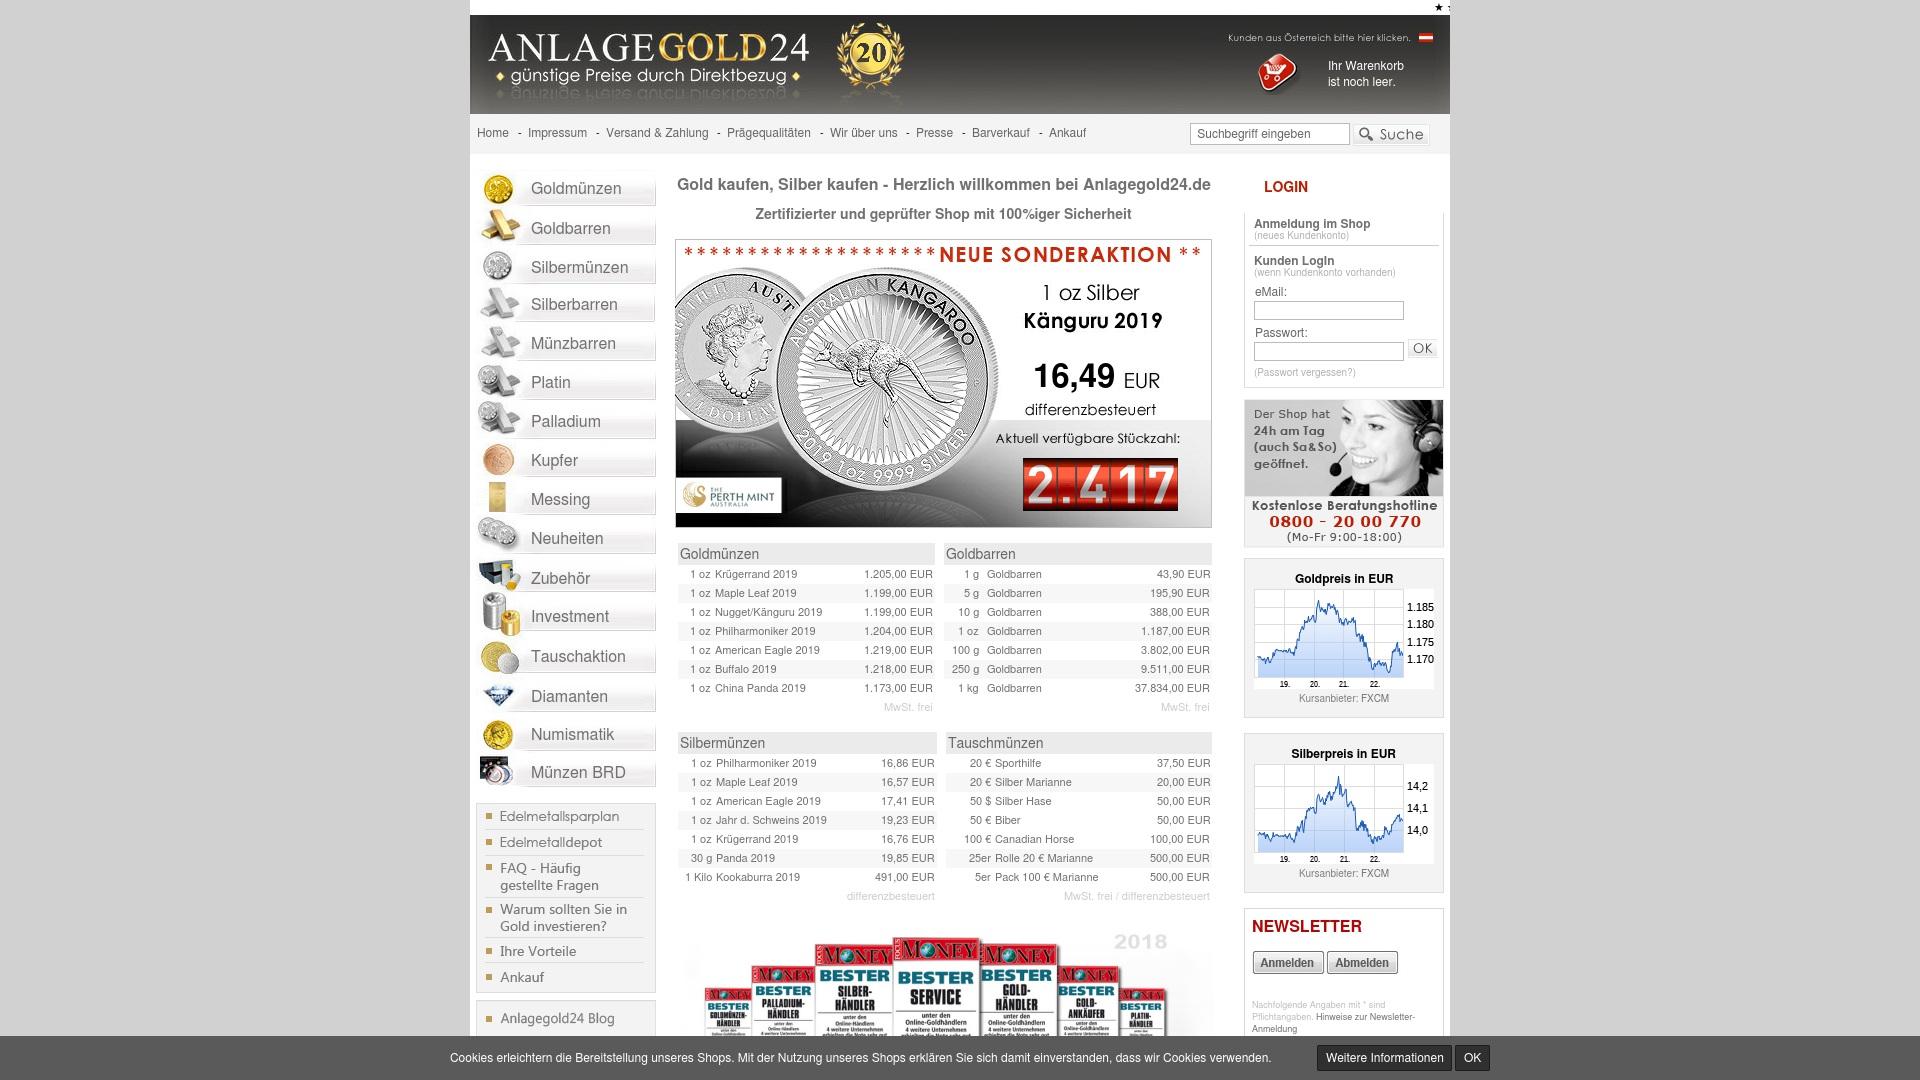 Gutschein für Anlagegold24: Rabatte für  Anlagegold24 sichern